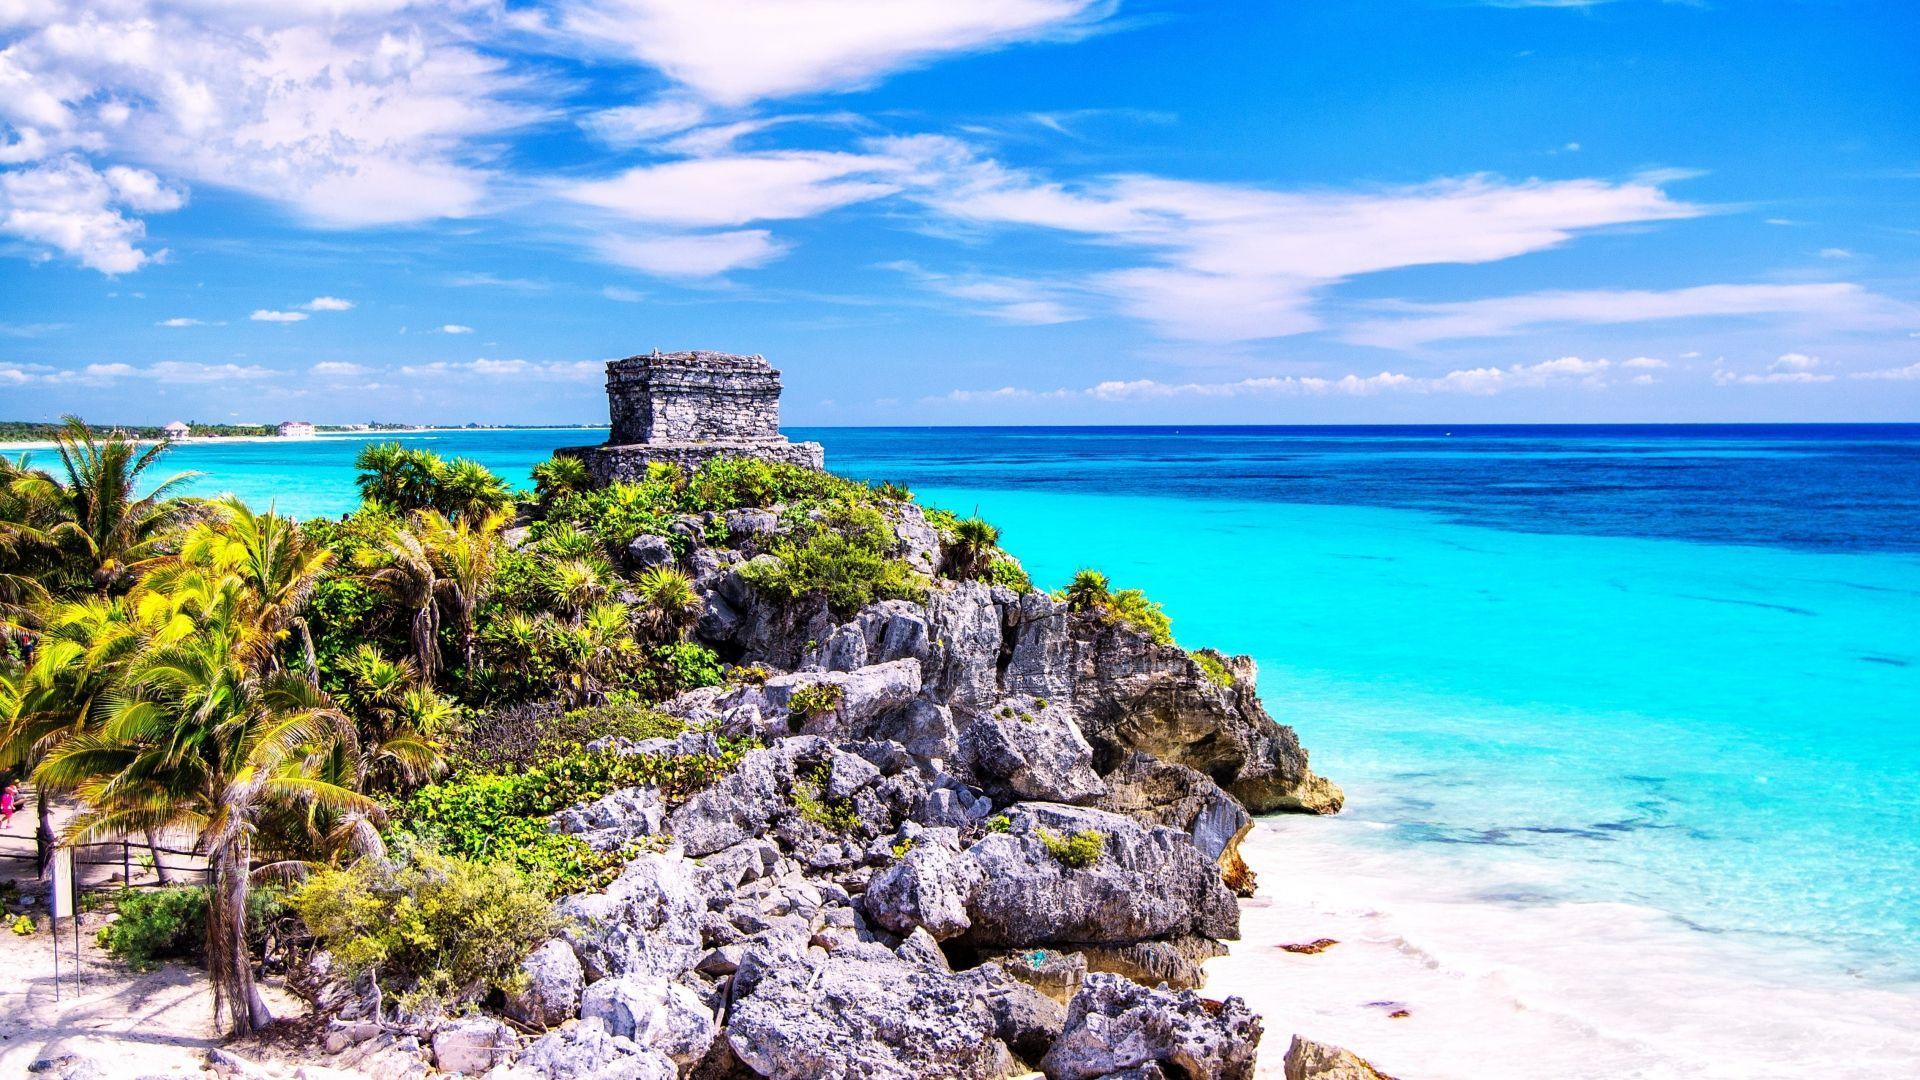 Žydrieji Meksikos paplūdimiai